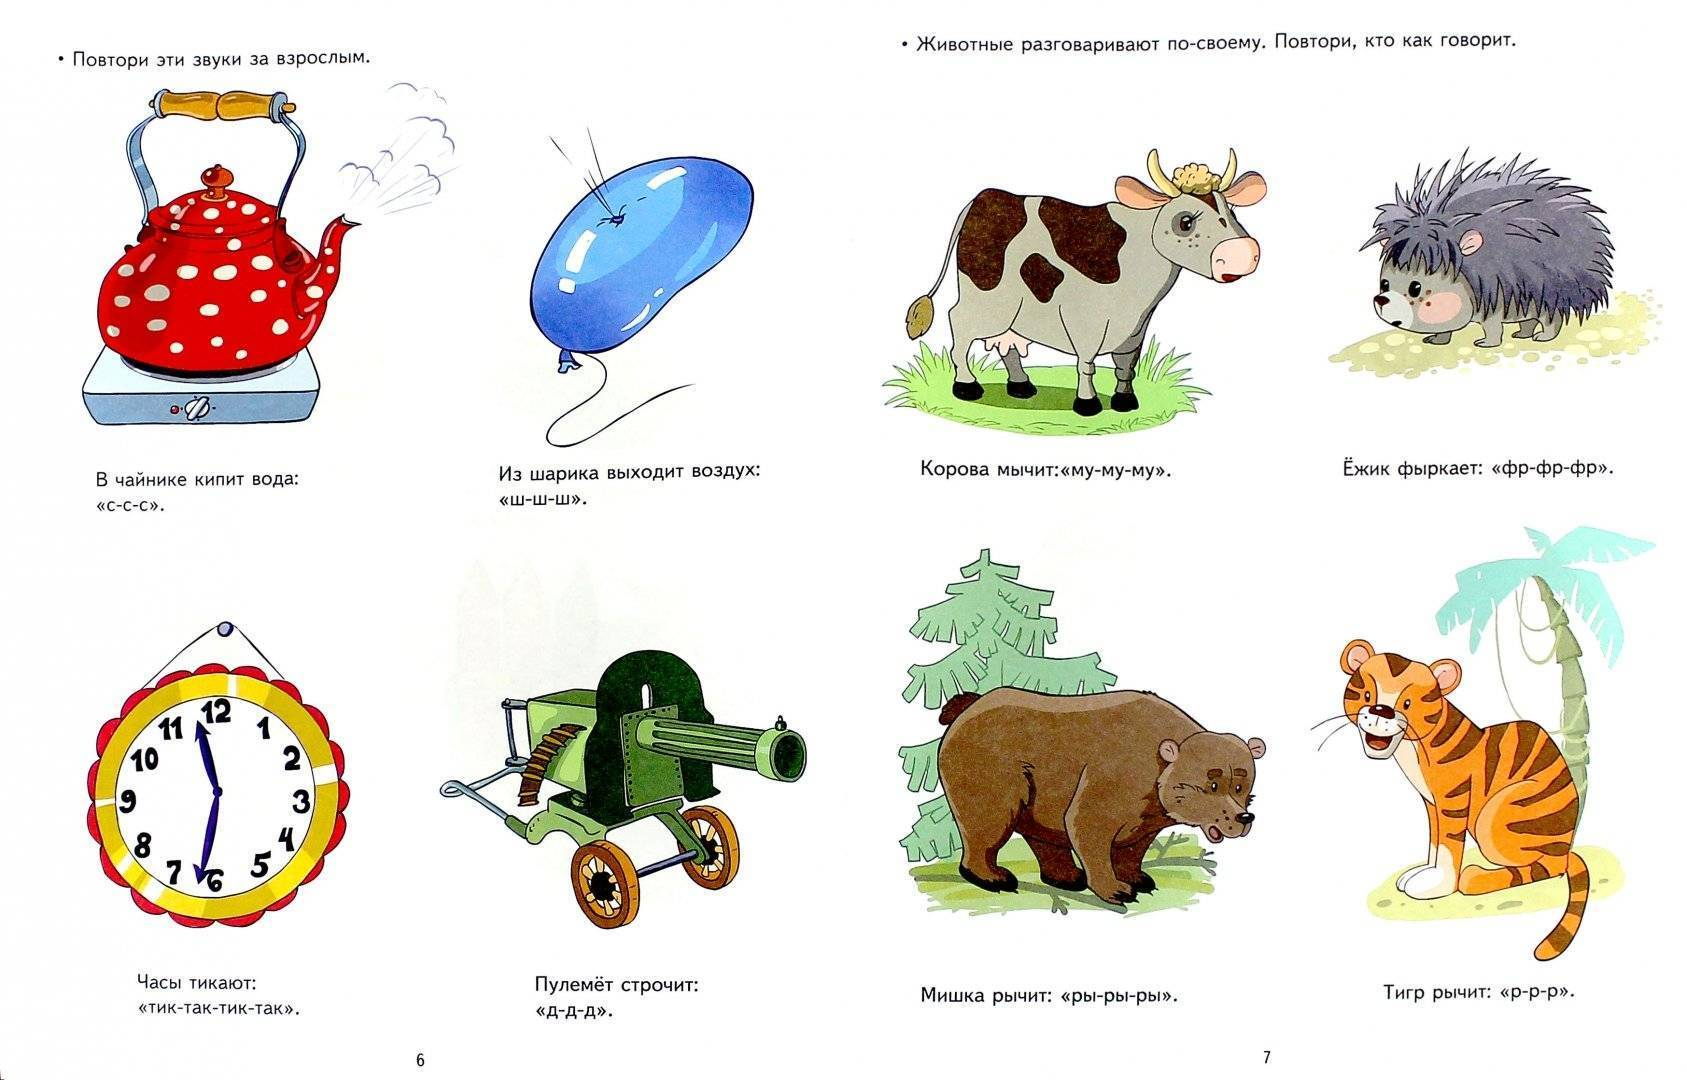 Занятия для детей 4-5 лет: интересные развивающие игры и упражнения | учимся, играя | vpolozhenii.com